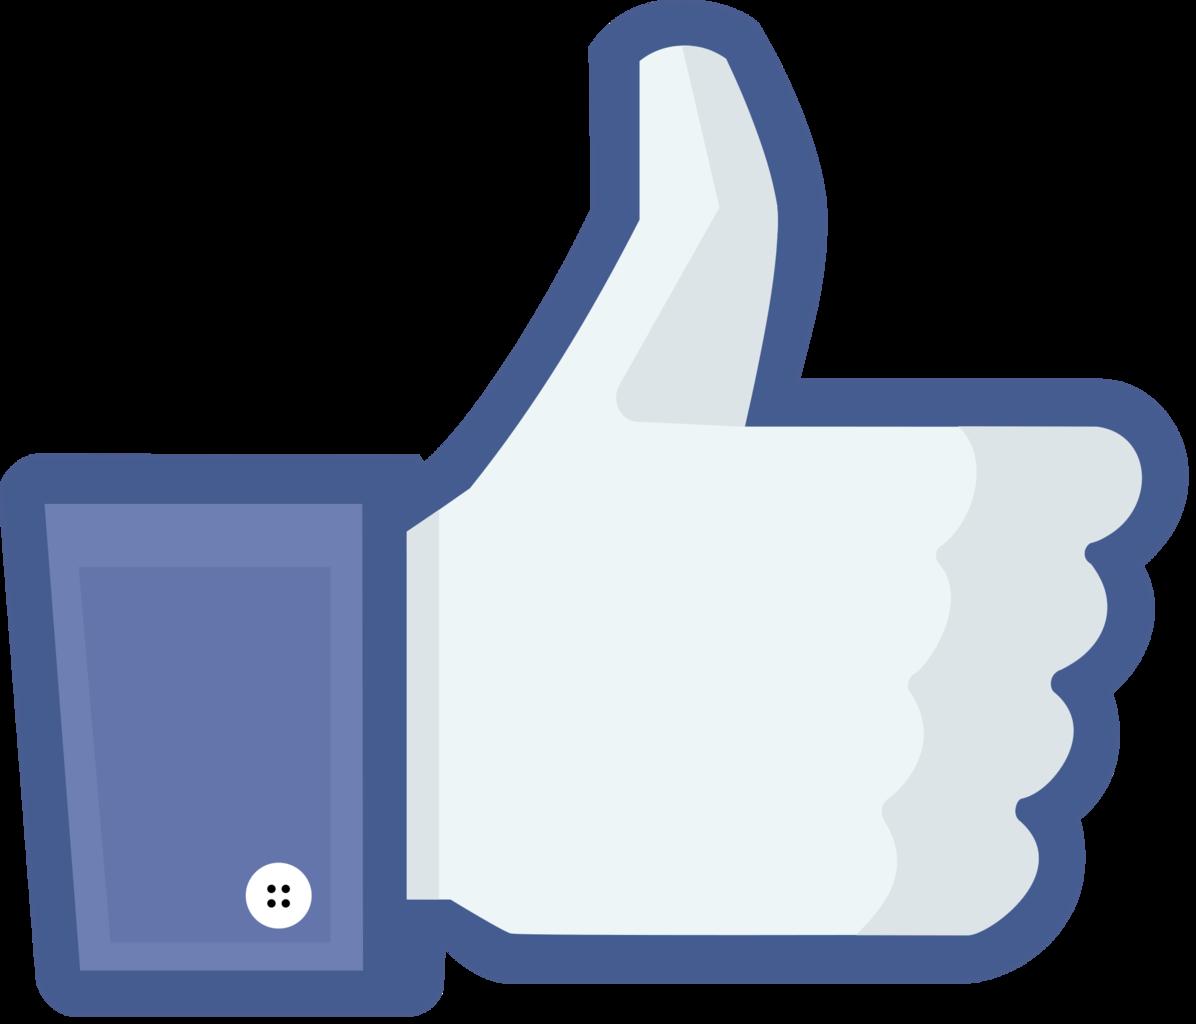 facebook-logo-png-transparent-background-i3